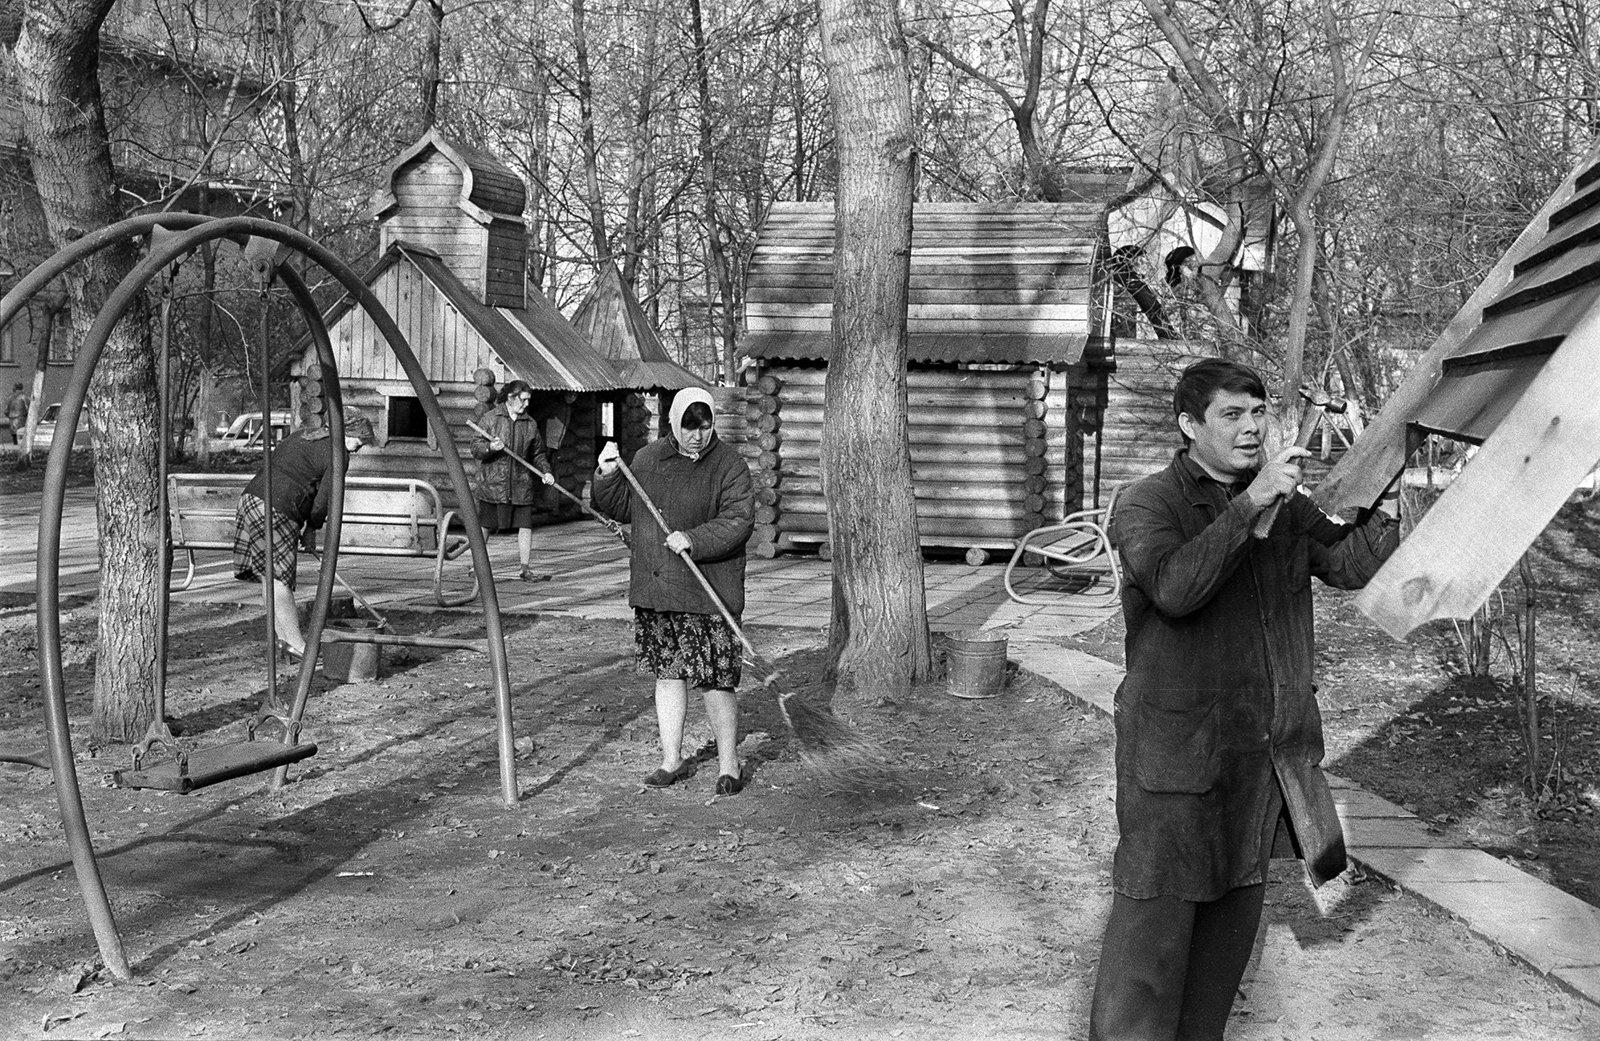 Участники субботника во дворе дома 28 на Ленинградском проспекте. Автор П. Павлов. Октябрь 1984 года. Главархив Москвы